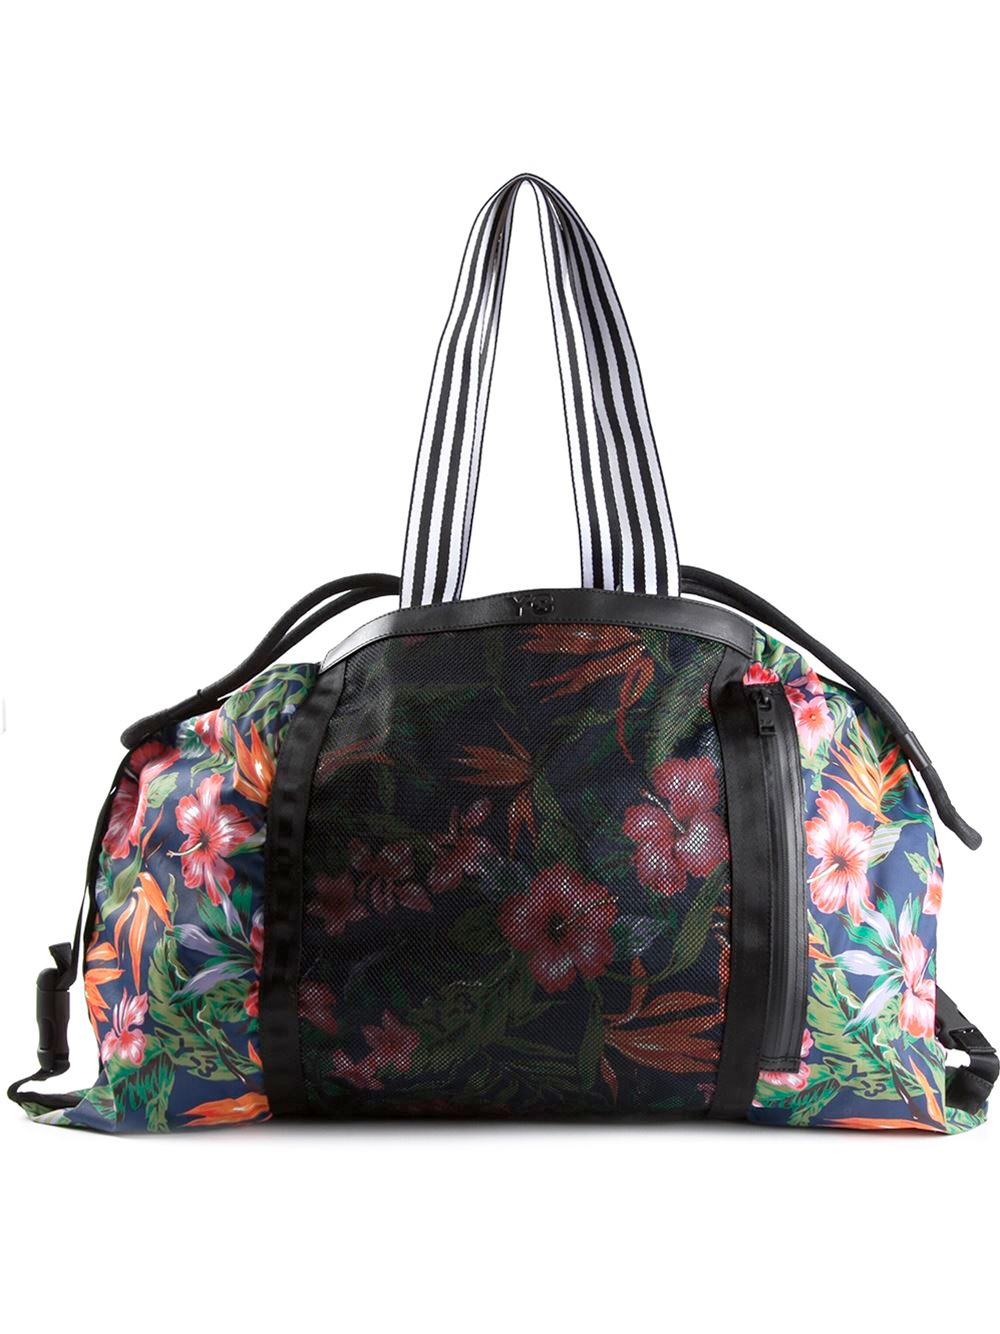 Y-3 Floral Print Weekender Bag, Farfetch